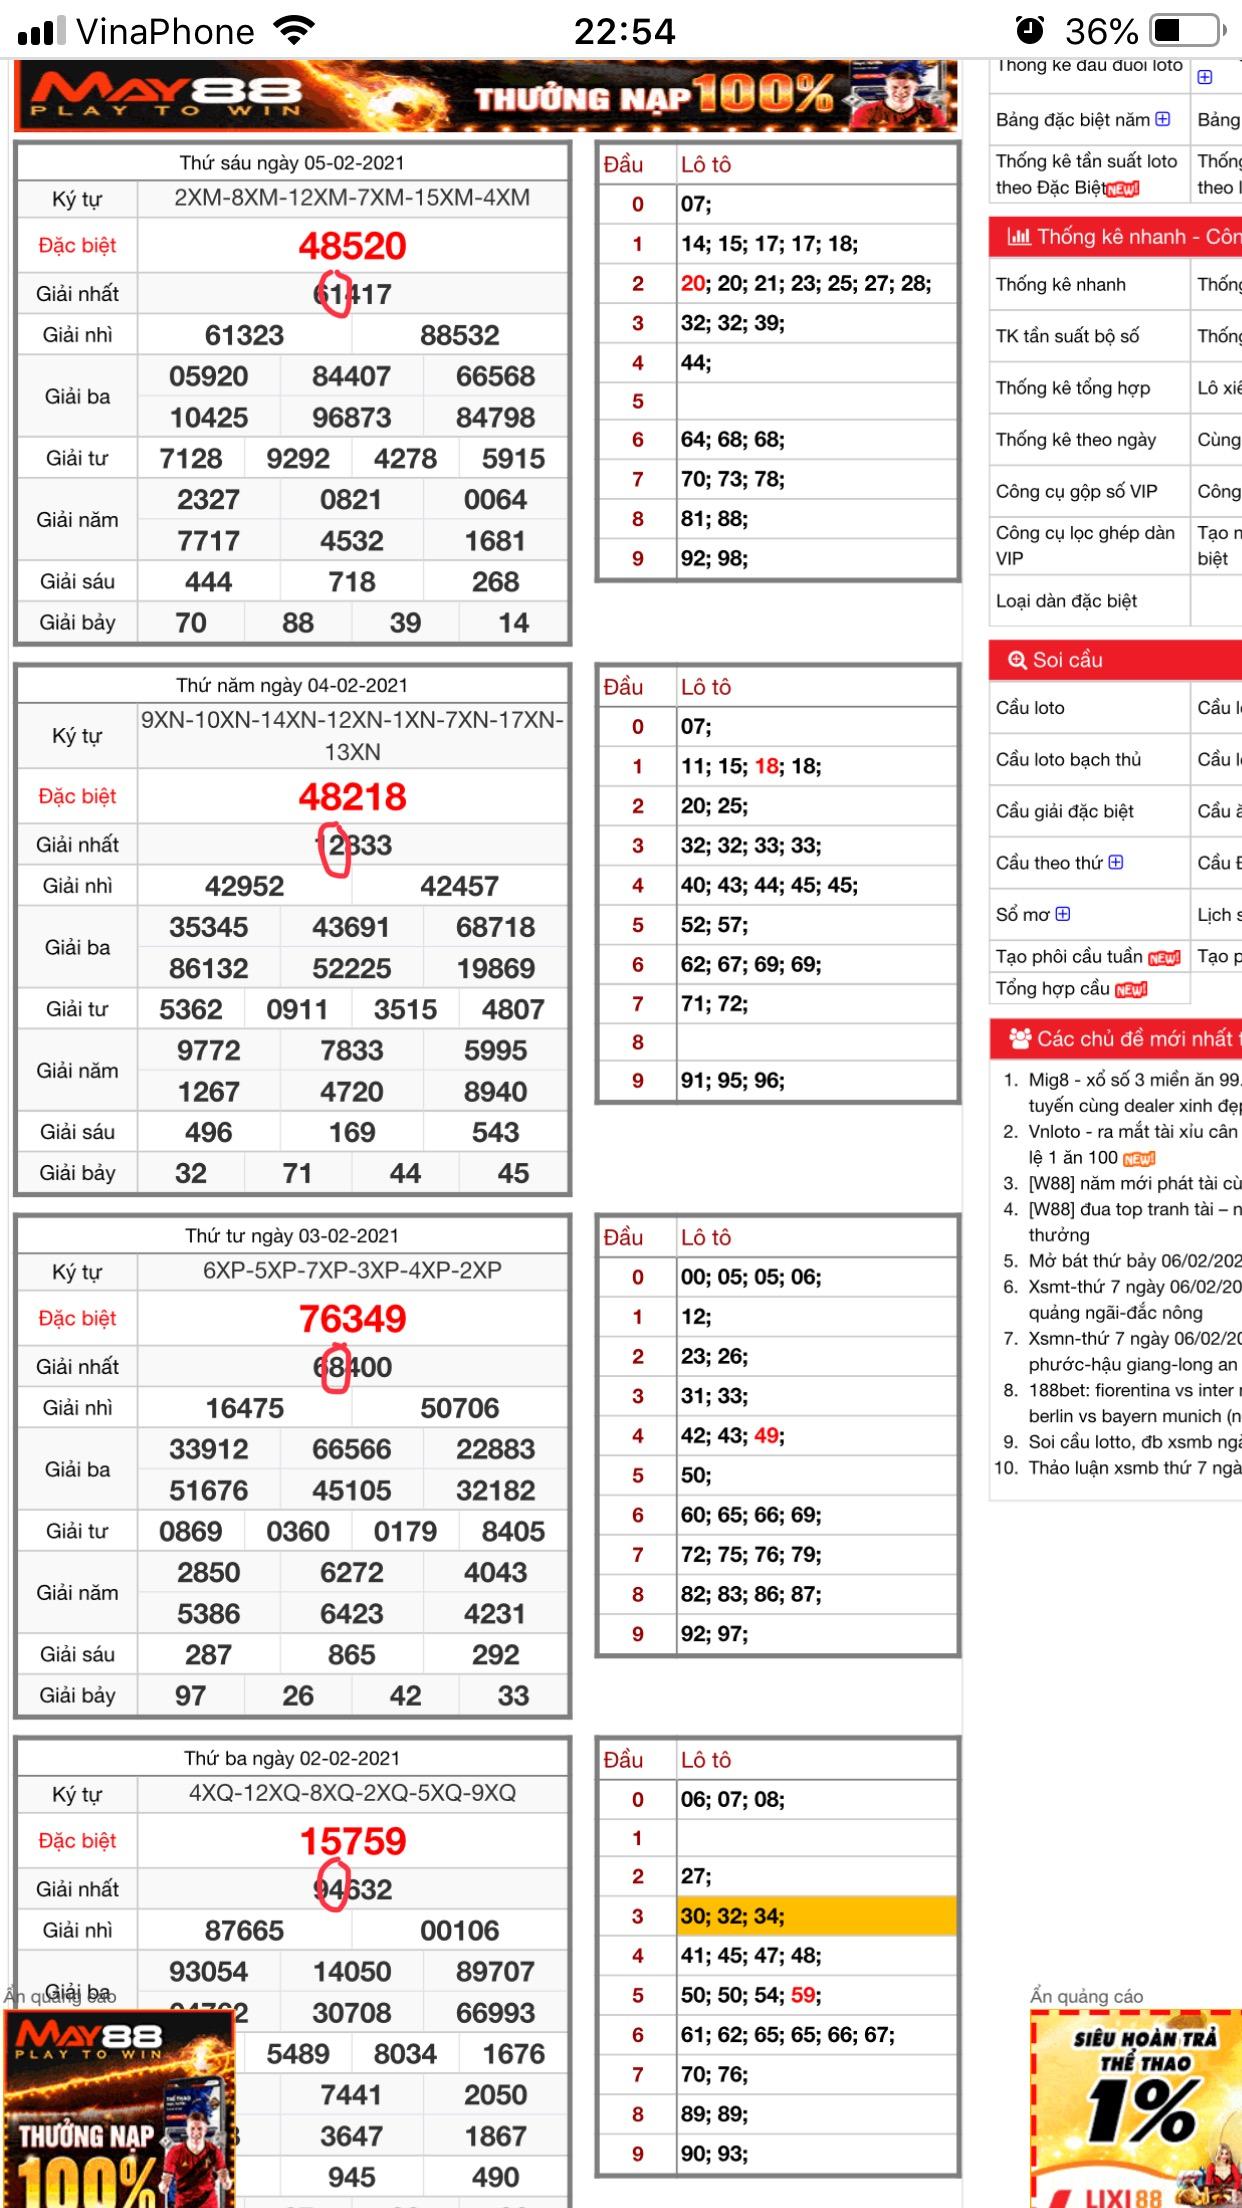 B7455C0B-9A08-47A6-AE8B-4420BAE61BDE.jpeg